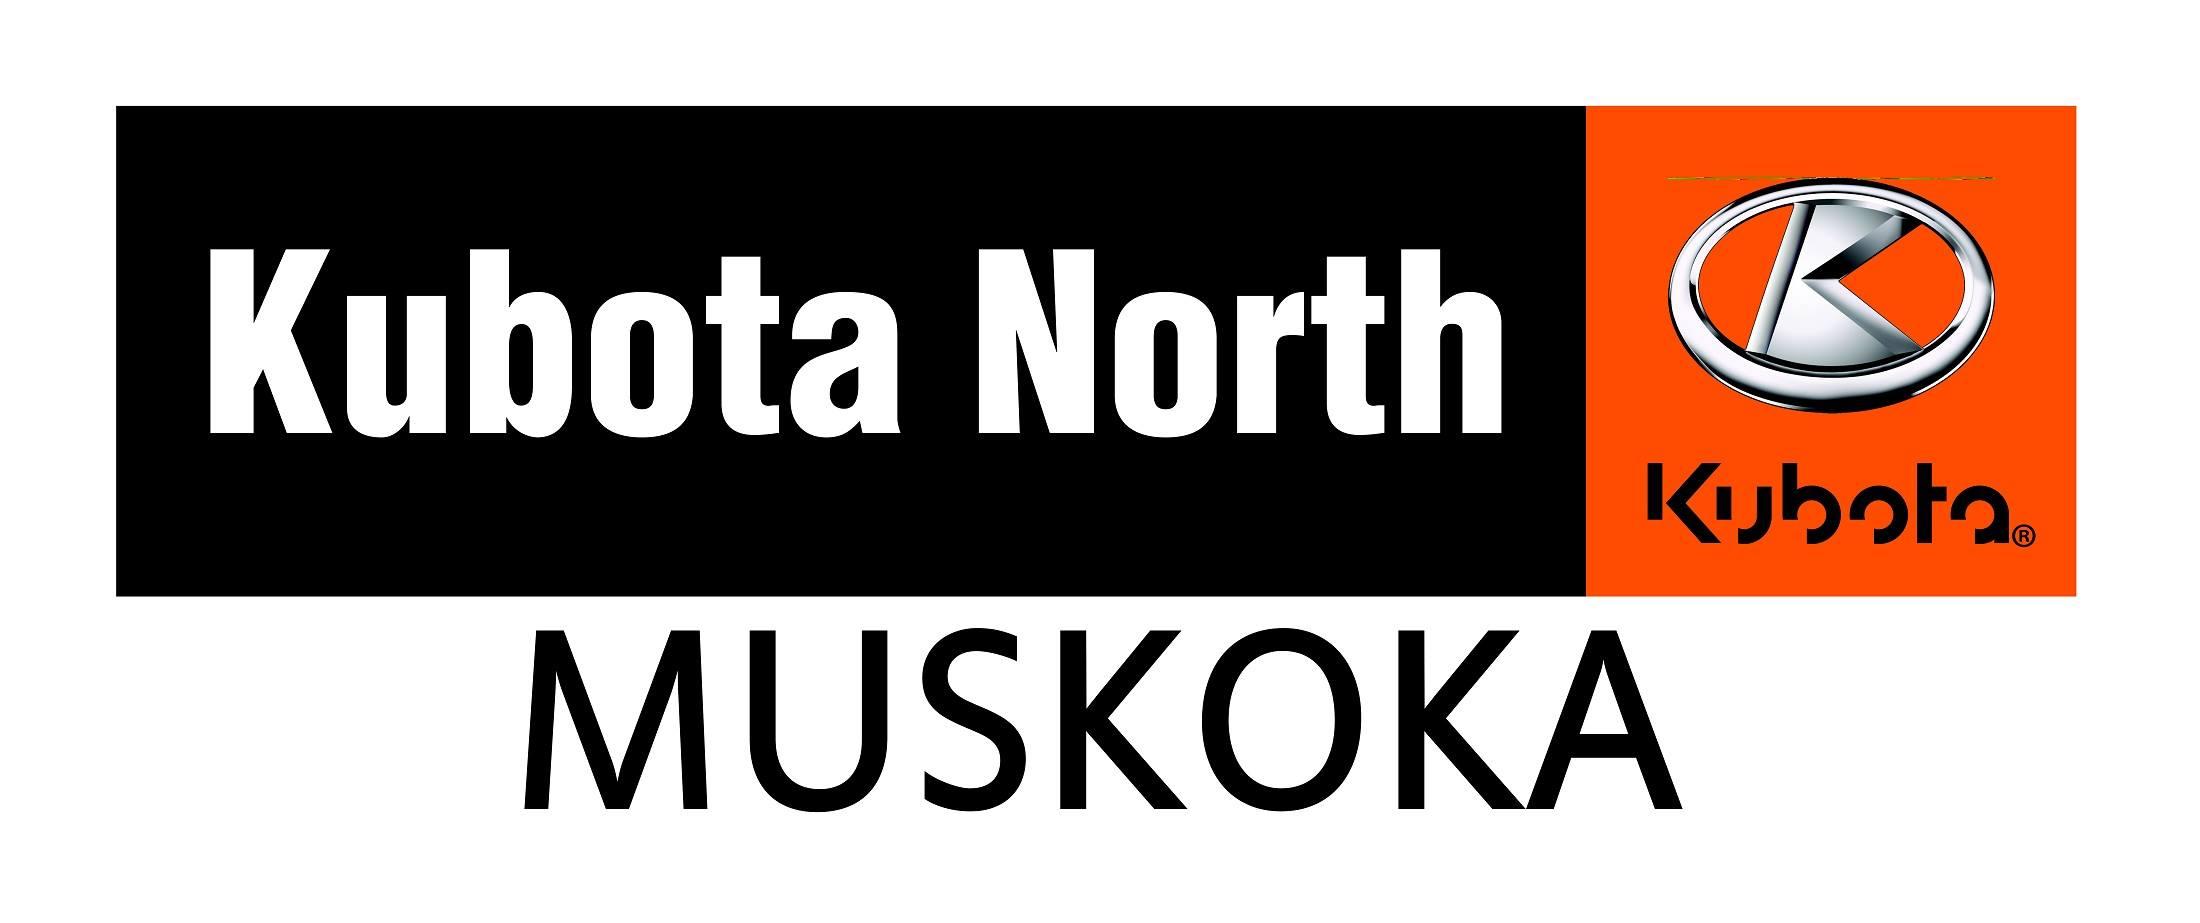 kubota north.jpg